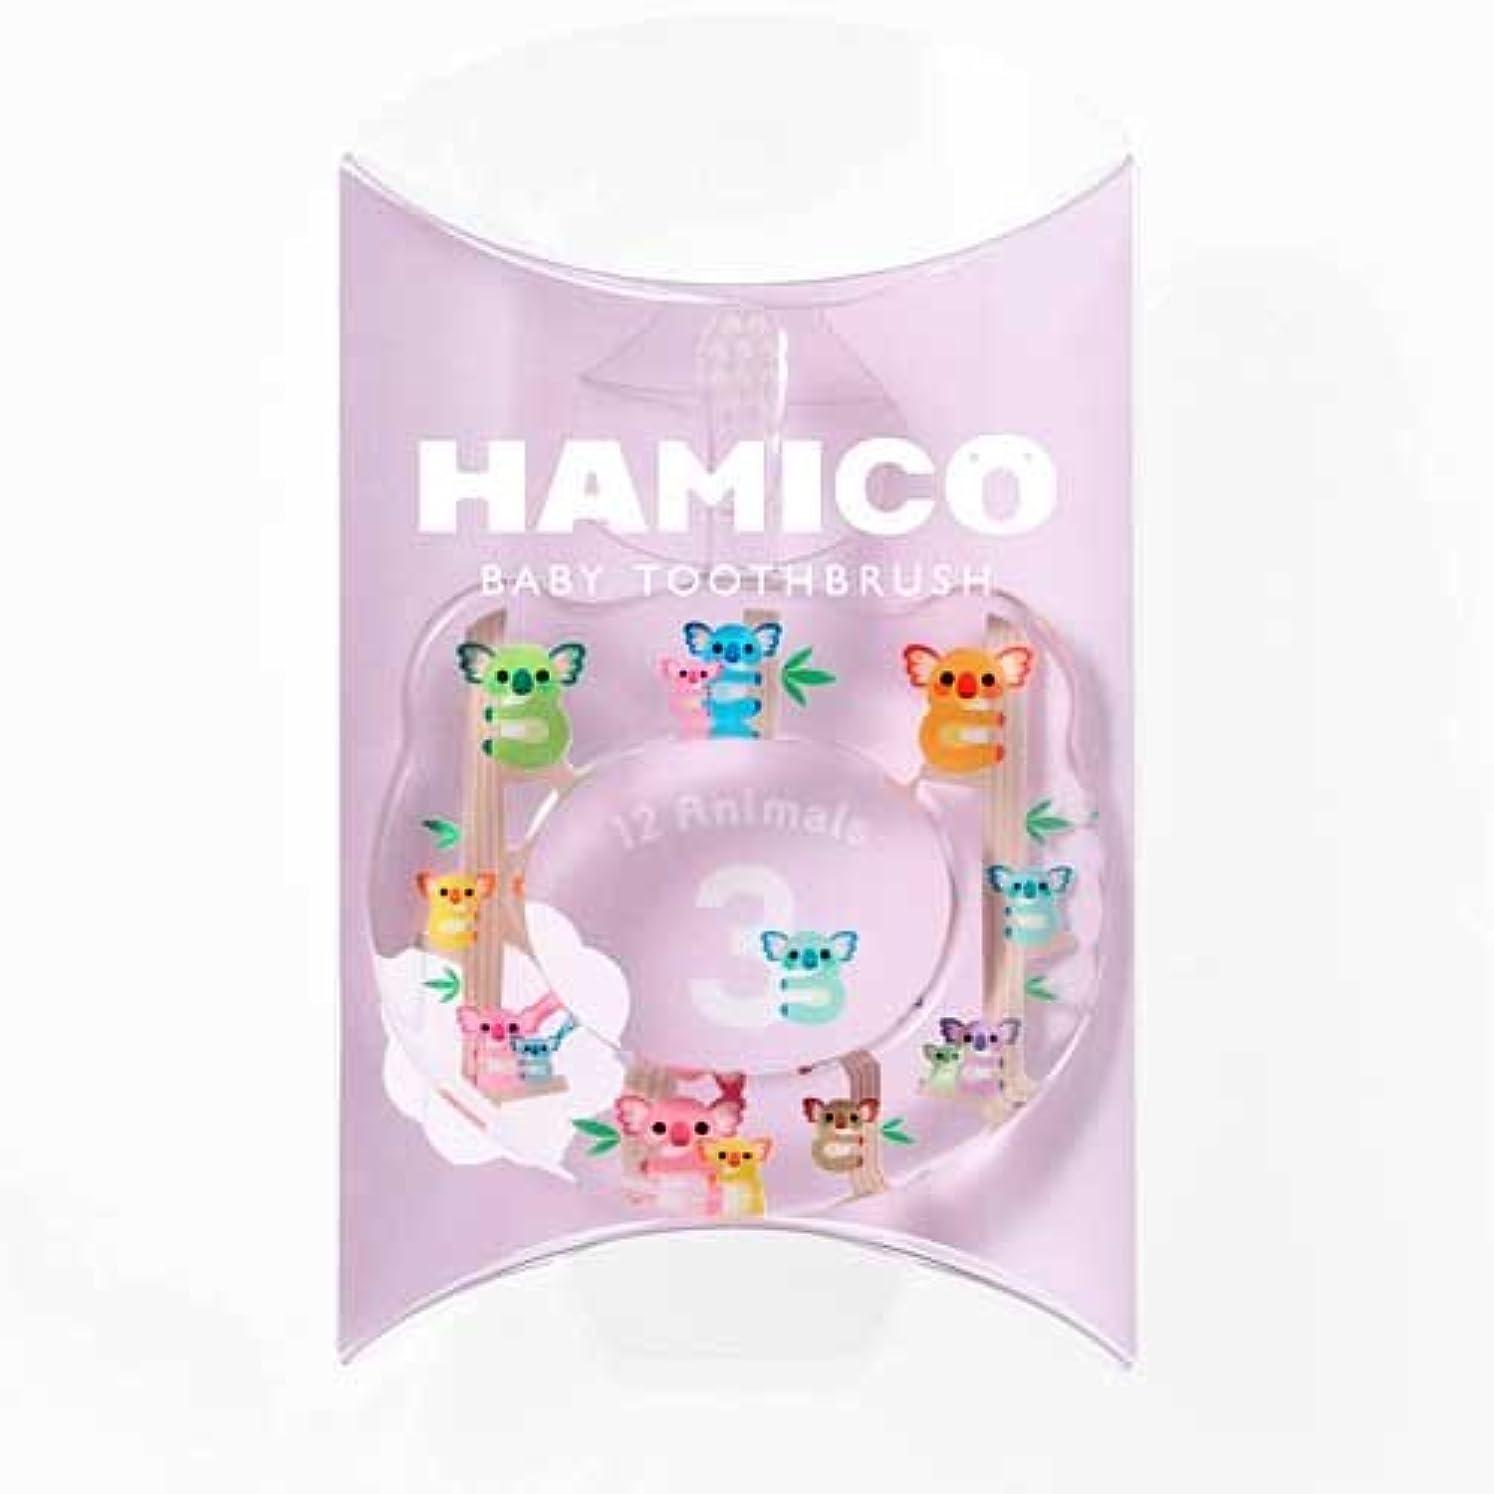 HAMICO(ハミコ) ベビー歯ブラシ 「12 Animals(12アニマルズ)」シリーズ コアラ (03)